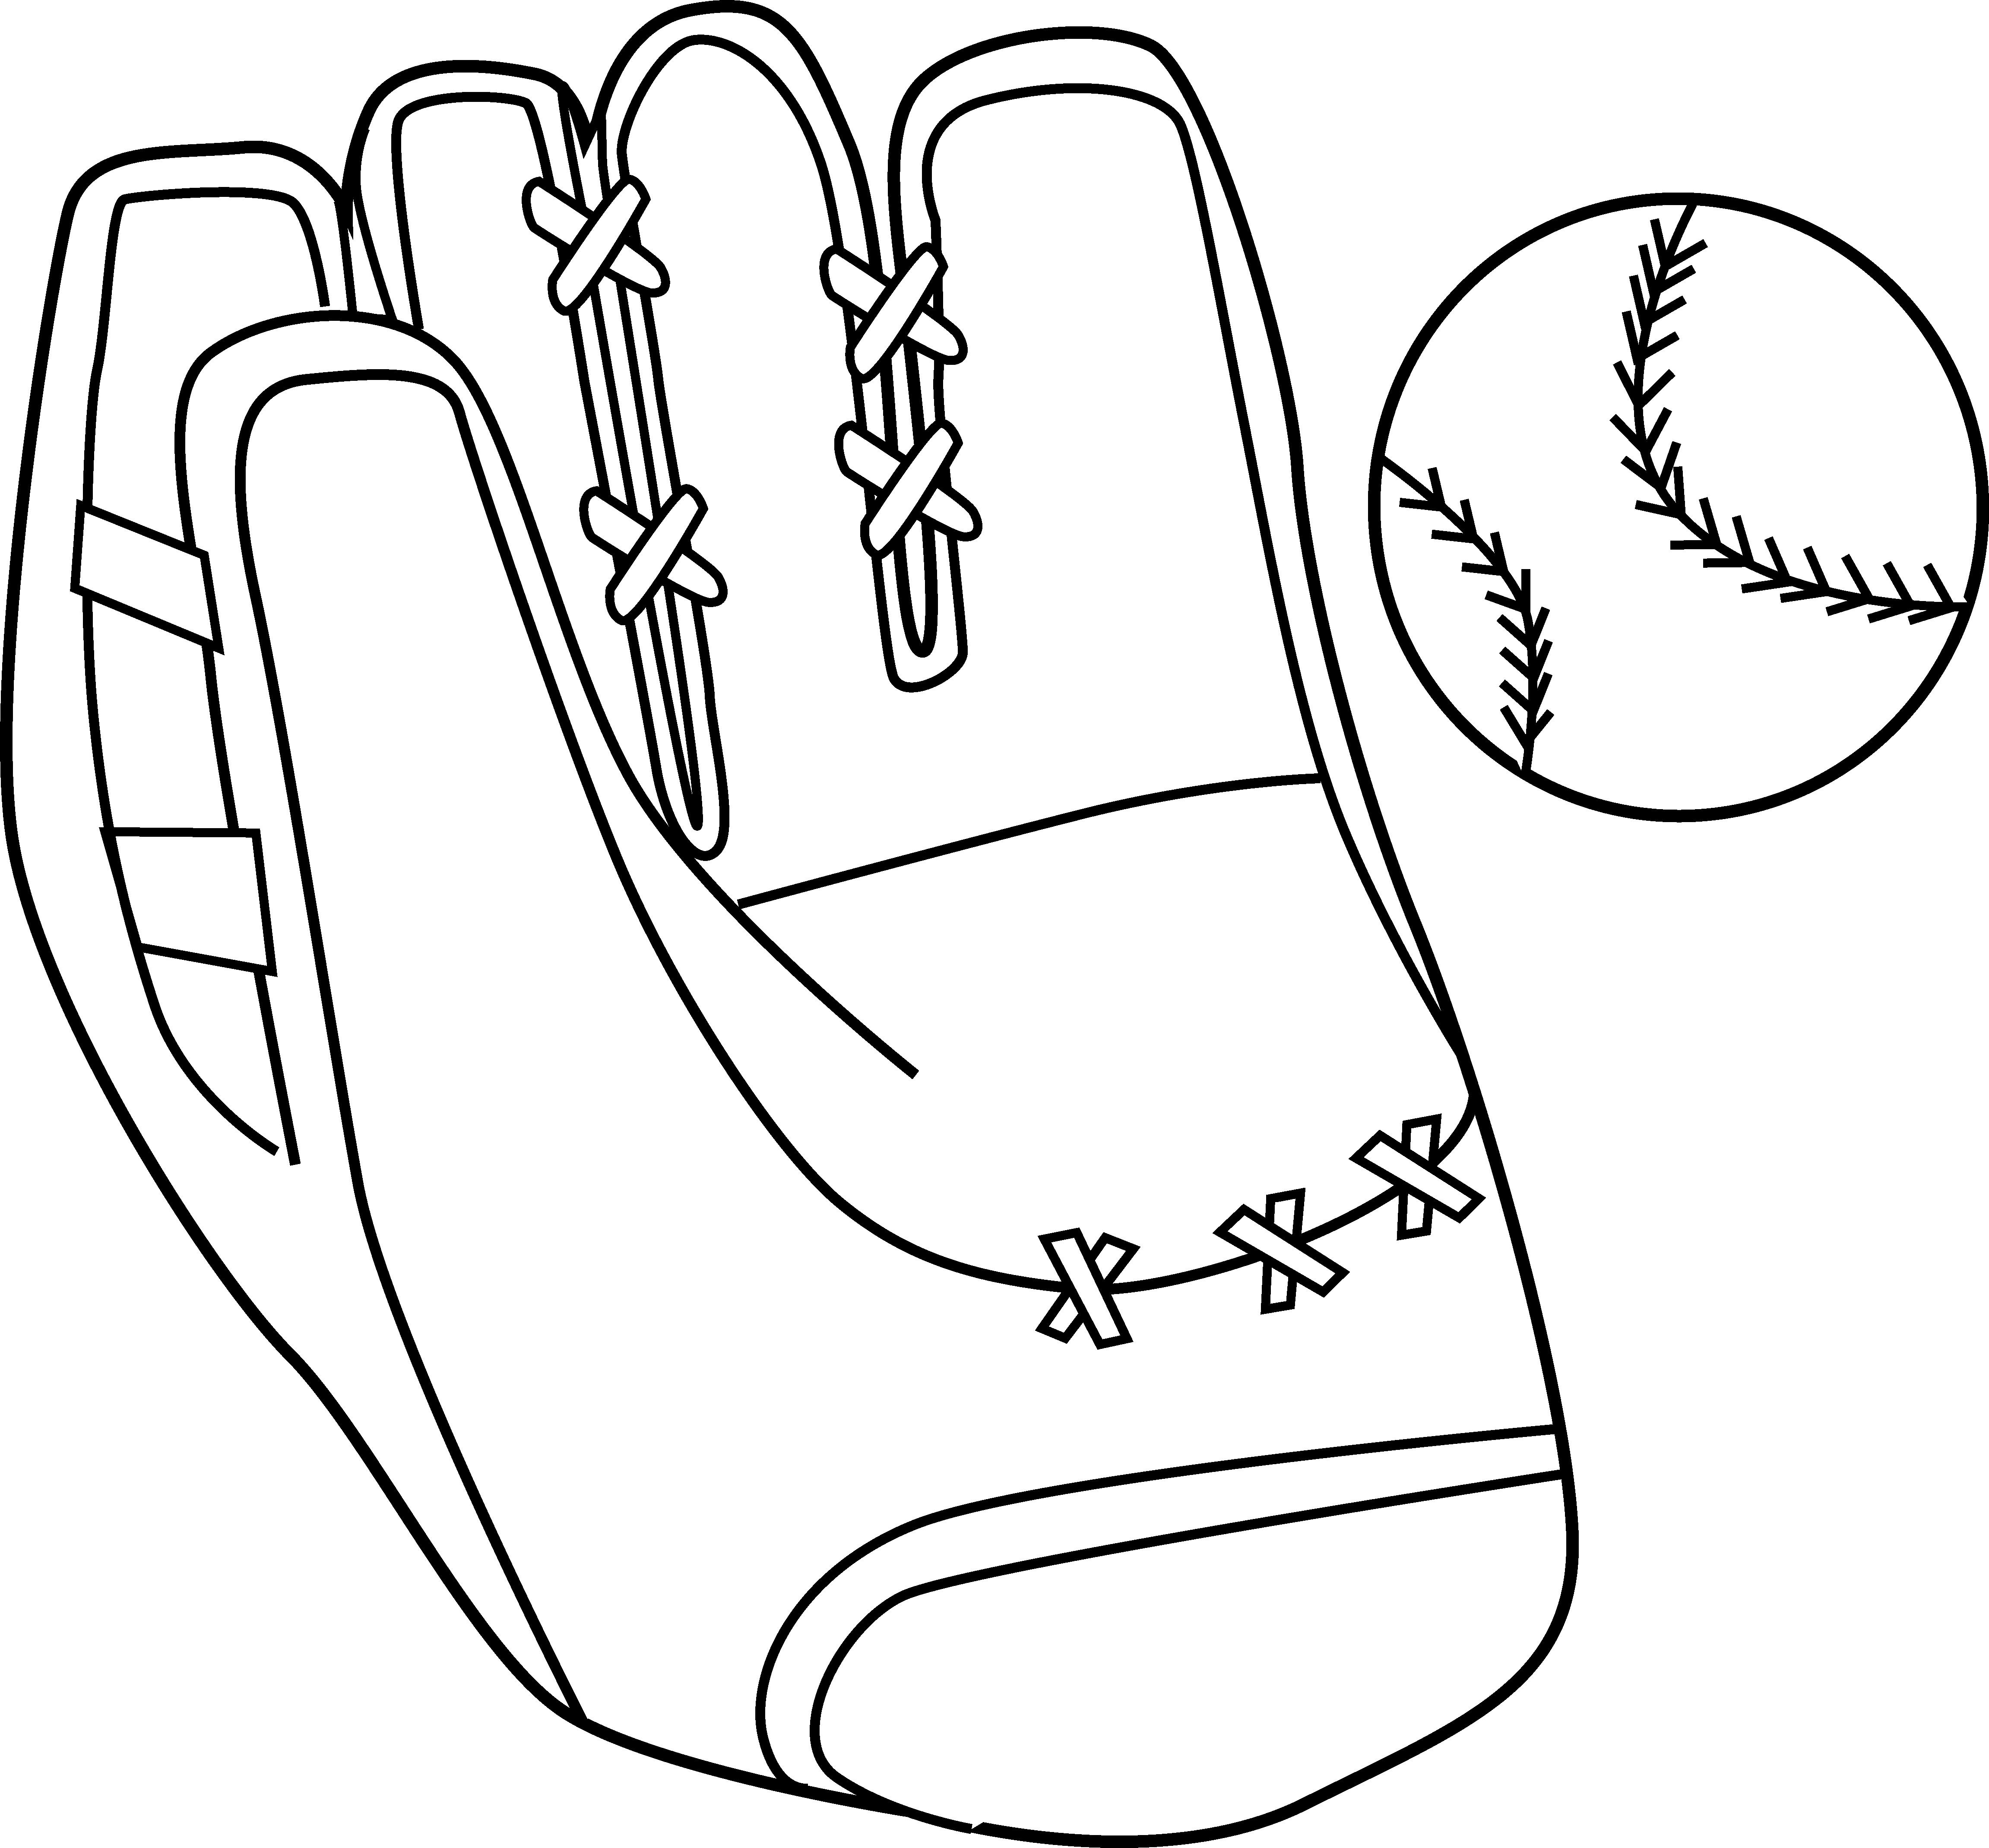 Baseball Mitt and Ball Coloring Page.